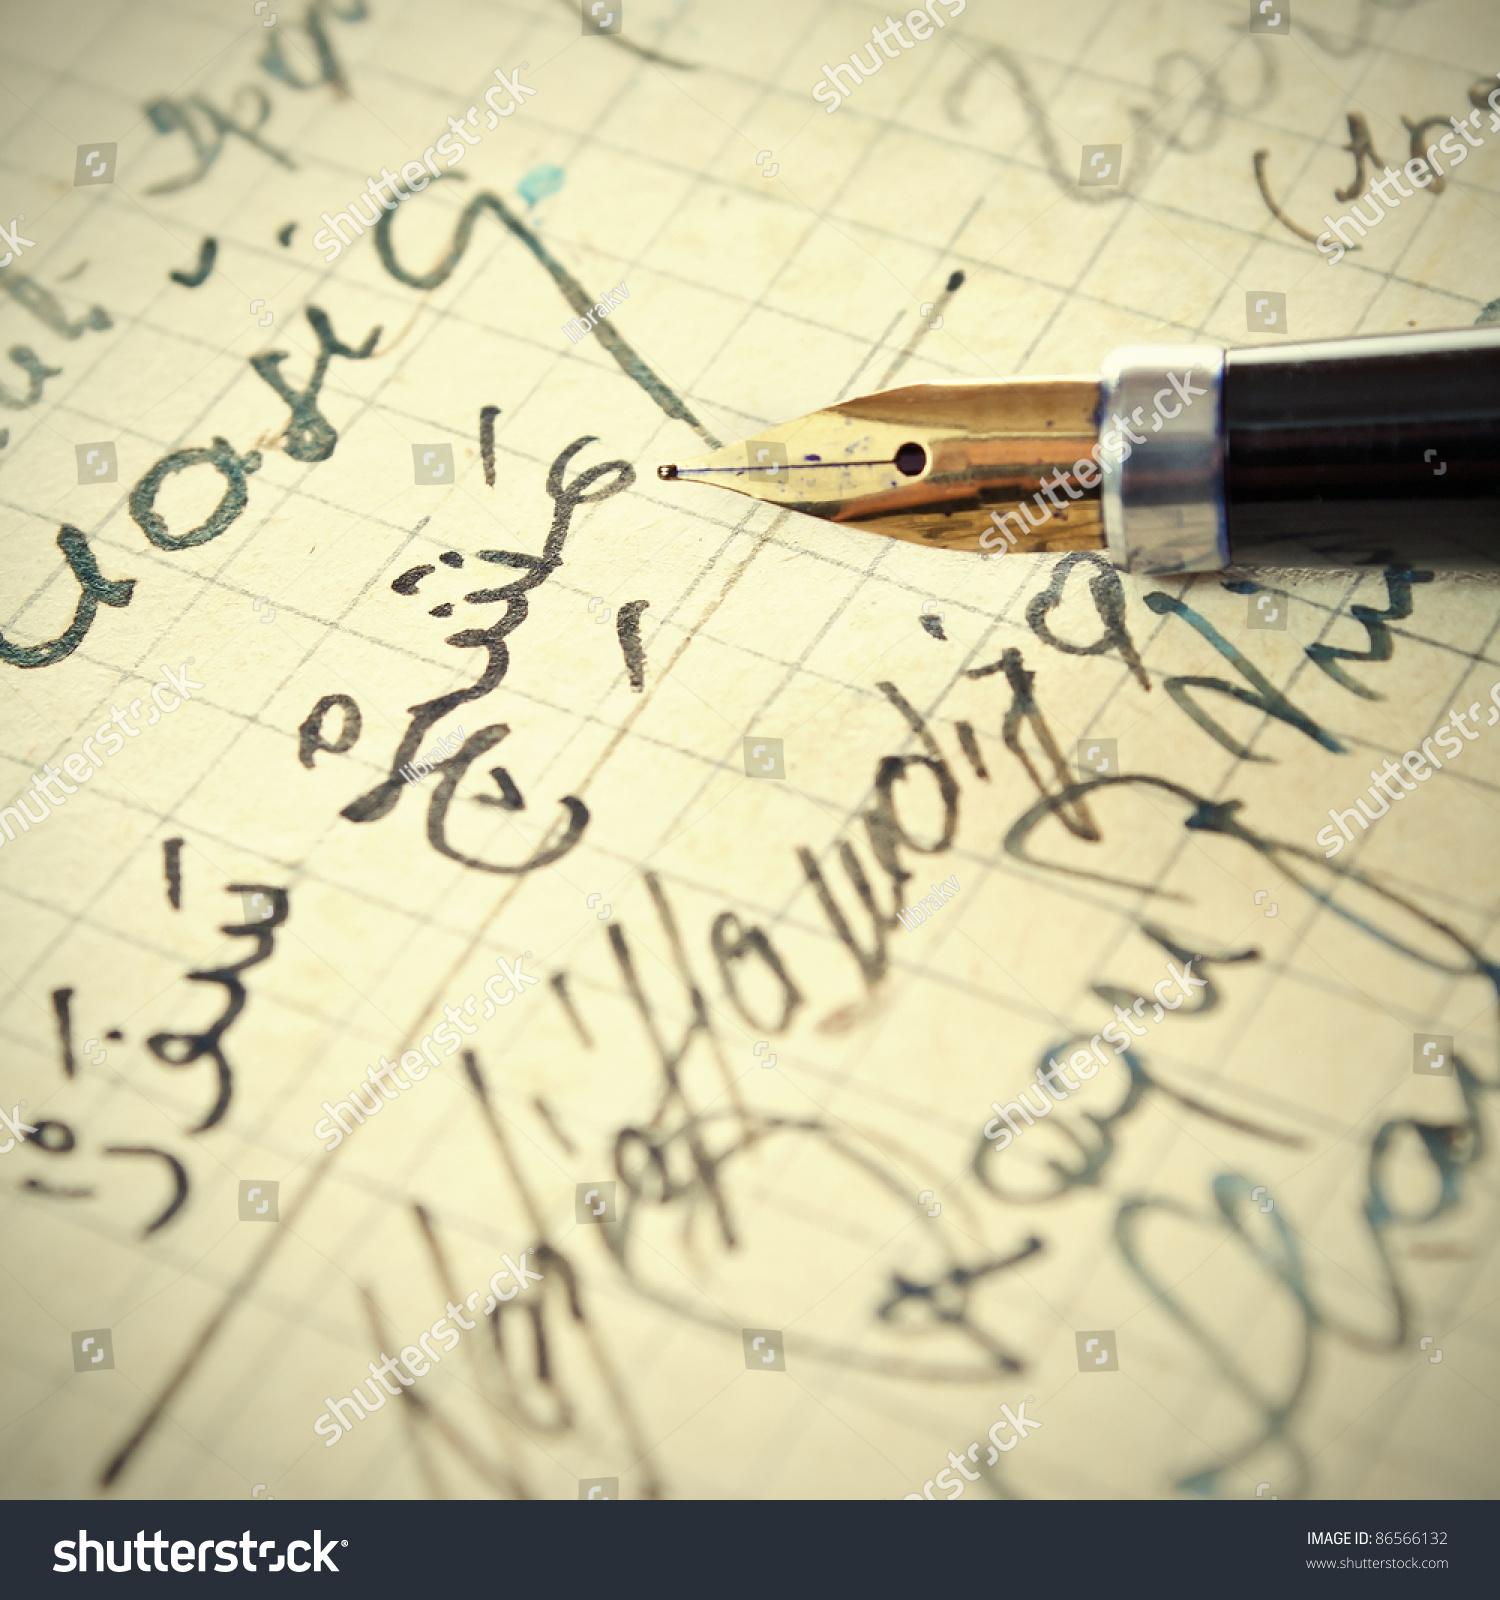 老手写阿拉伯语字母-背景/素材,复古风格-海洛创意()